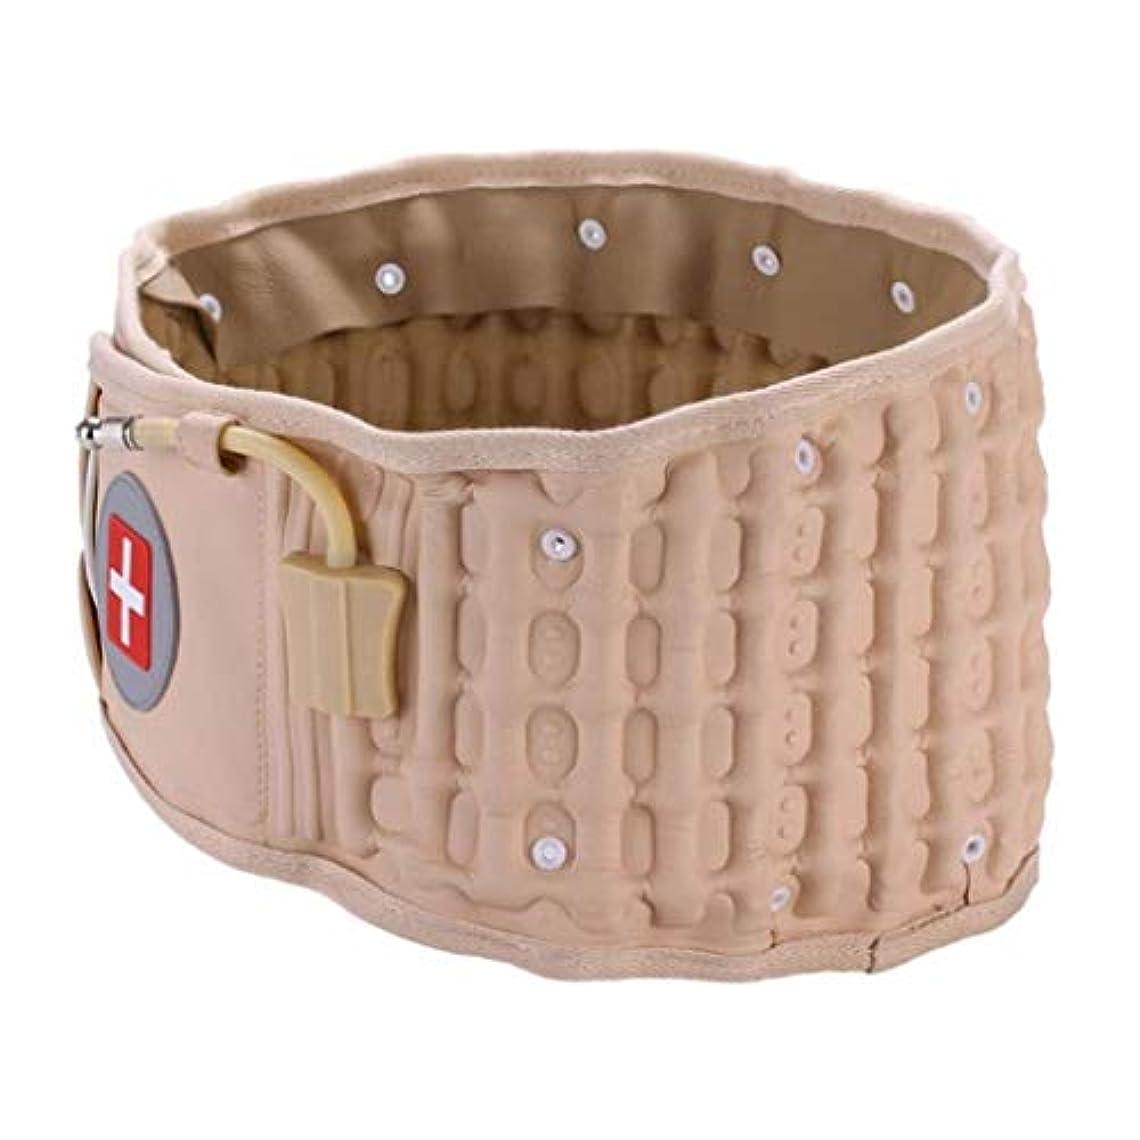 ピンク考古学的な私たちのものインフレータブルベルト、医療安全腰椎椎間板減圧ベルト、腰椎減圧ストラップベルト、腰痛を和らげる、優れた贈り物